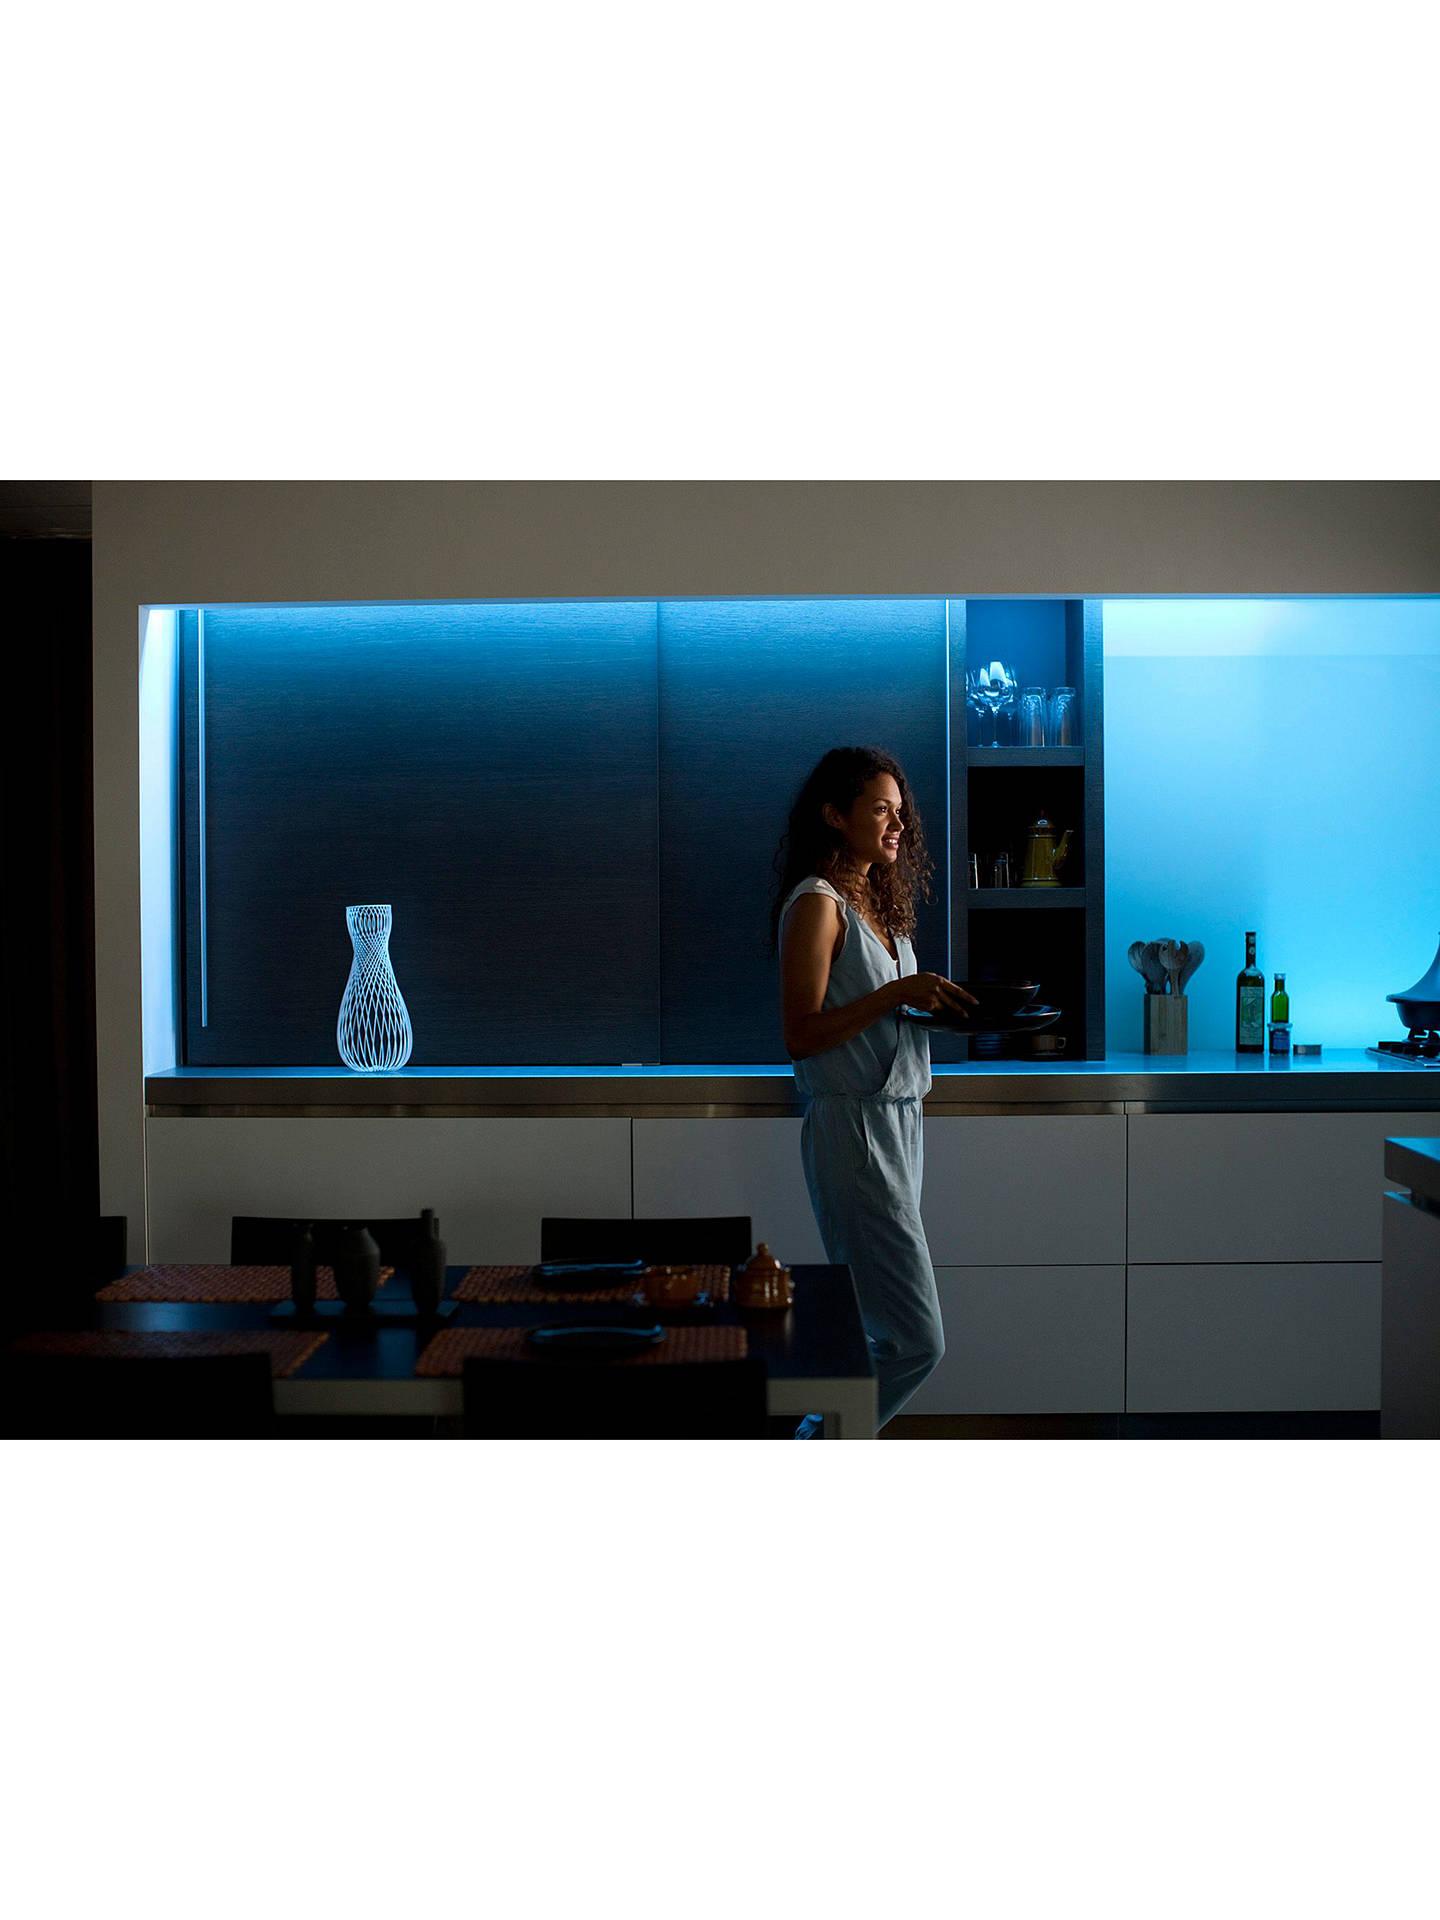 Philips Hue Personal Wireless Lighting LightStrip Plus, 100cm LED  LightStrip Extension Kit